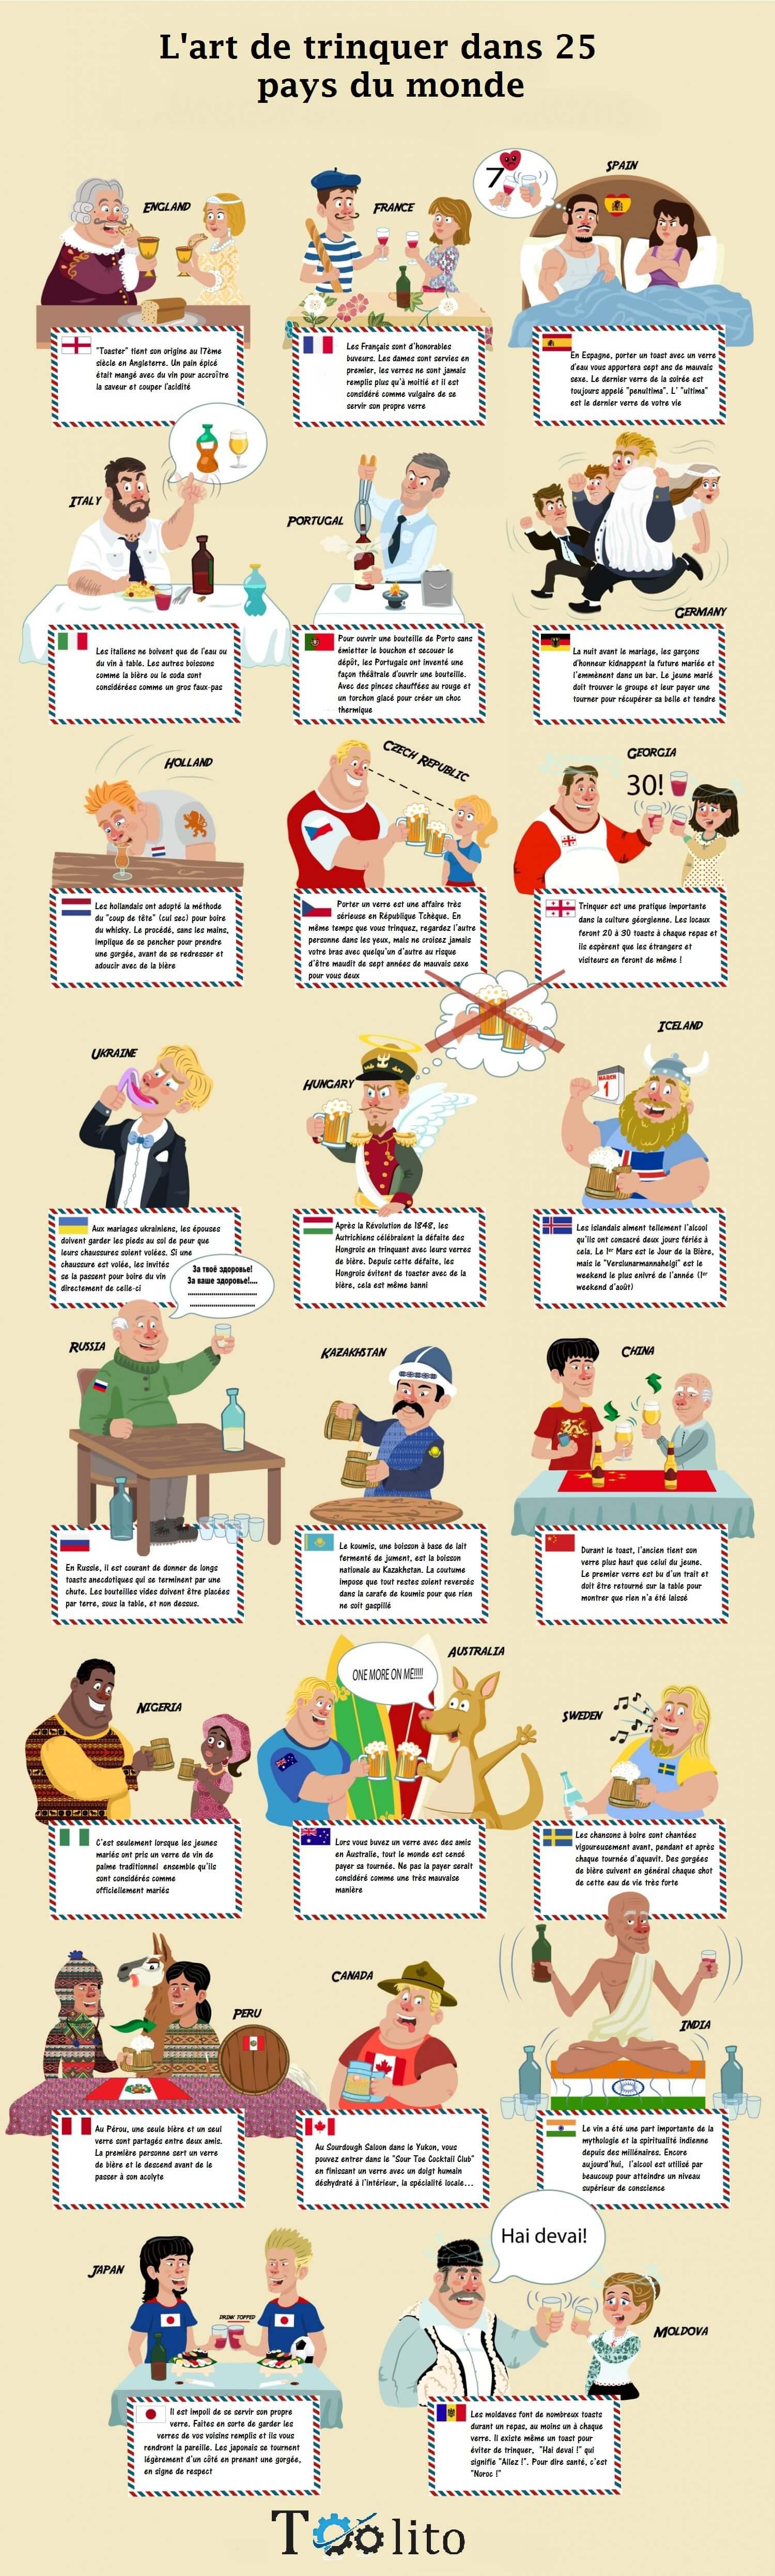 Infographie coutume bizarres pour la consommation d'alcool dans le monde. L'art de trinquer dans le monde